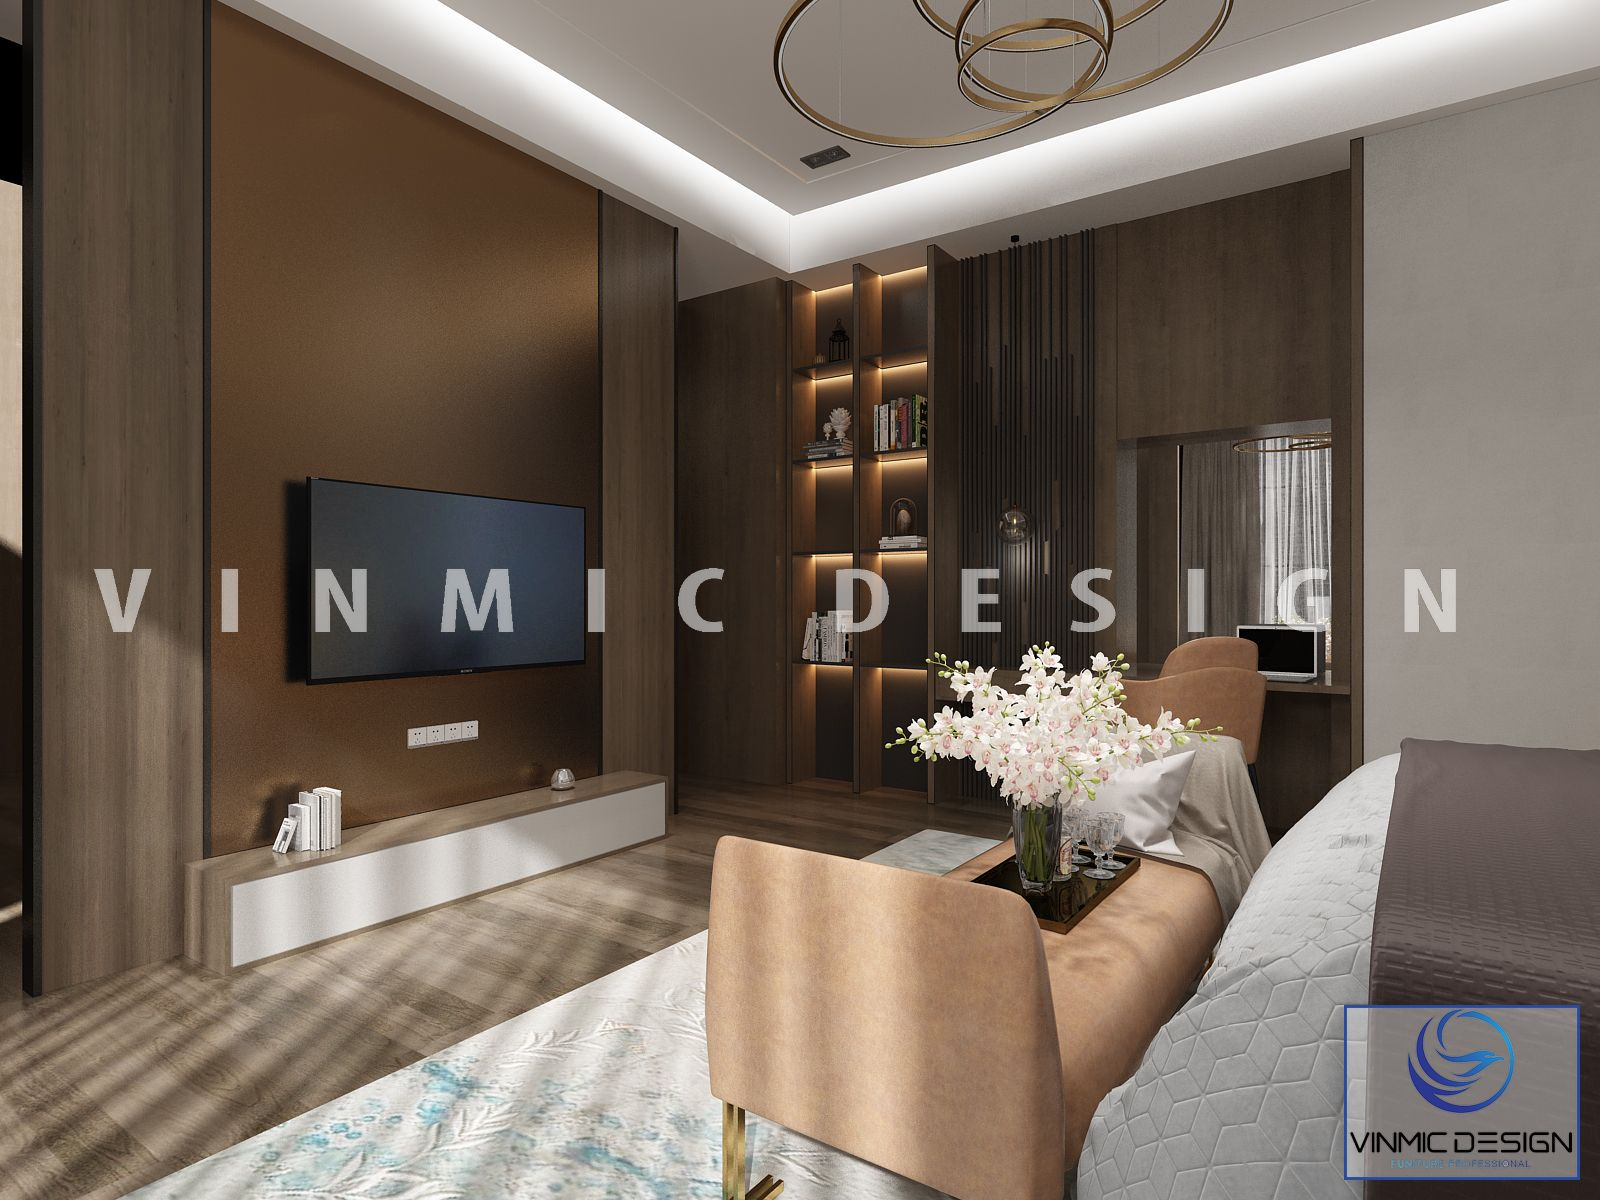 Góc khác trong mẫu thiết kế nội thất phòng ngủ đẹp